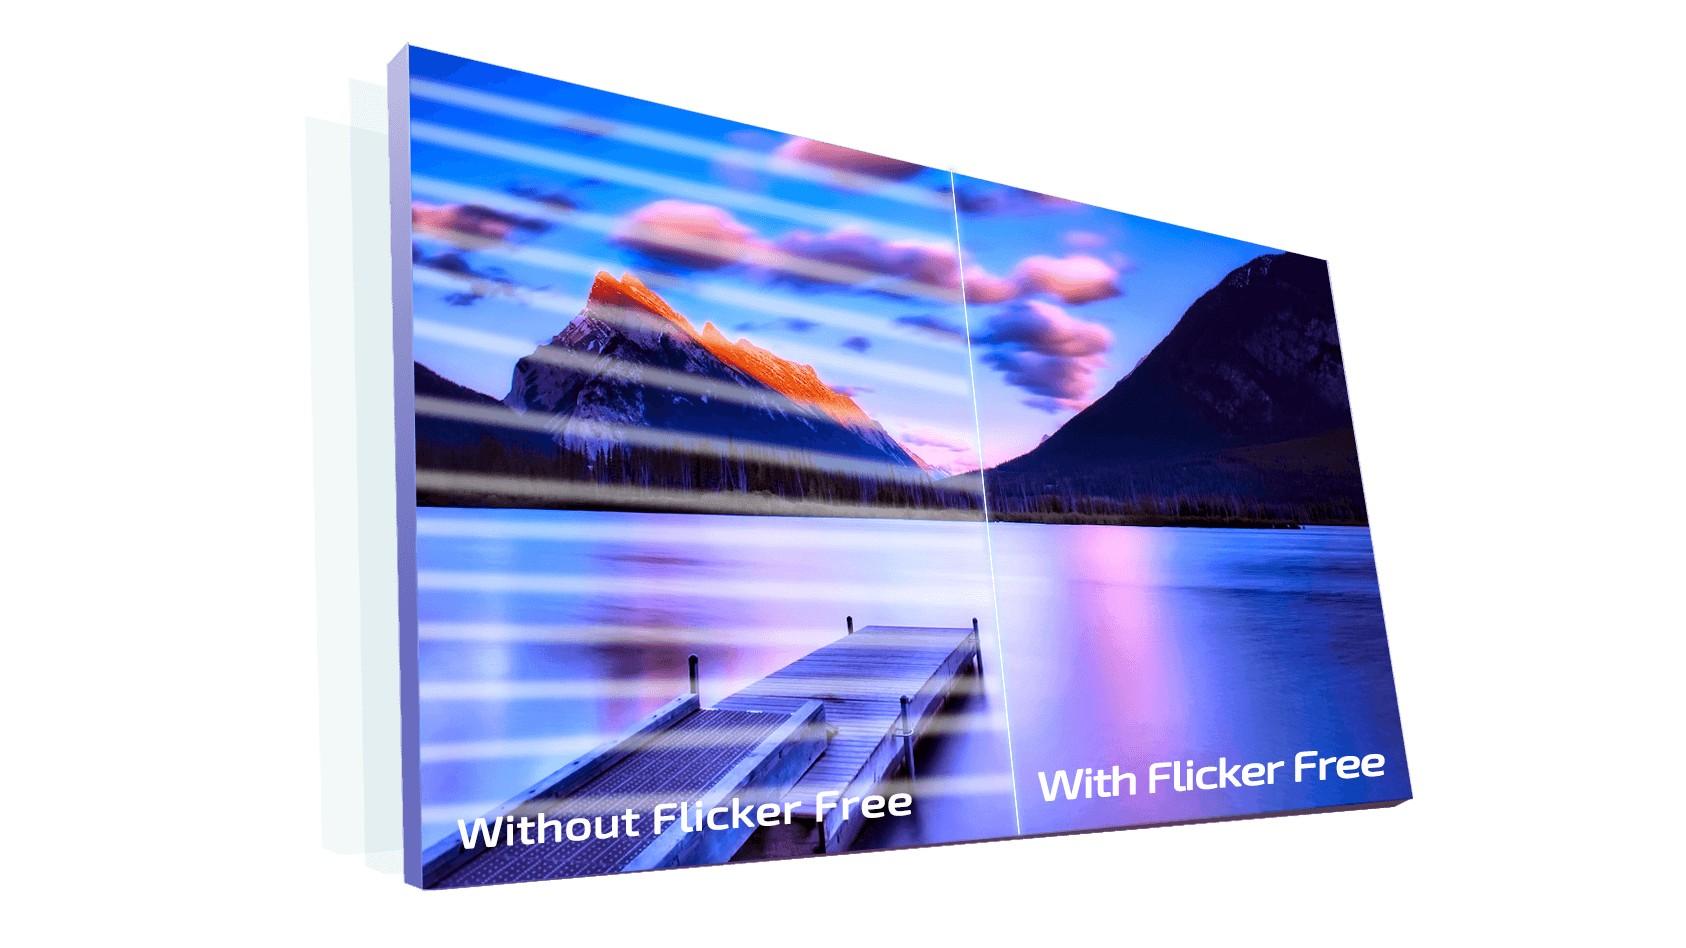 Công nghệ Flicker-Free trên AOC C27G1